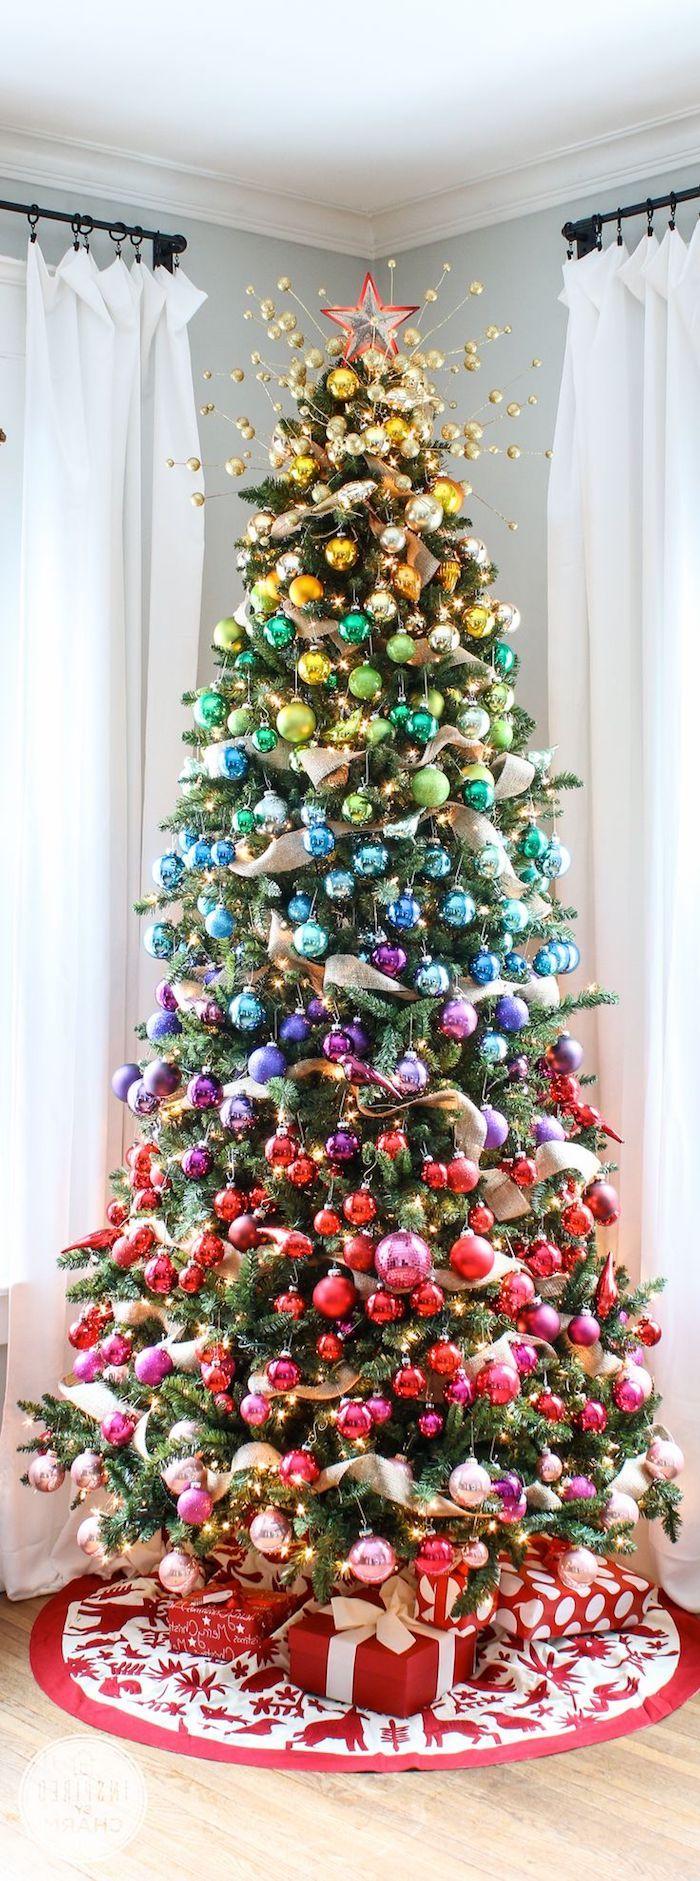 ▷ 1001 + Ideen, wie Sie Ihren Weihnachtsbaum schmücken wie ein Profi